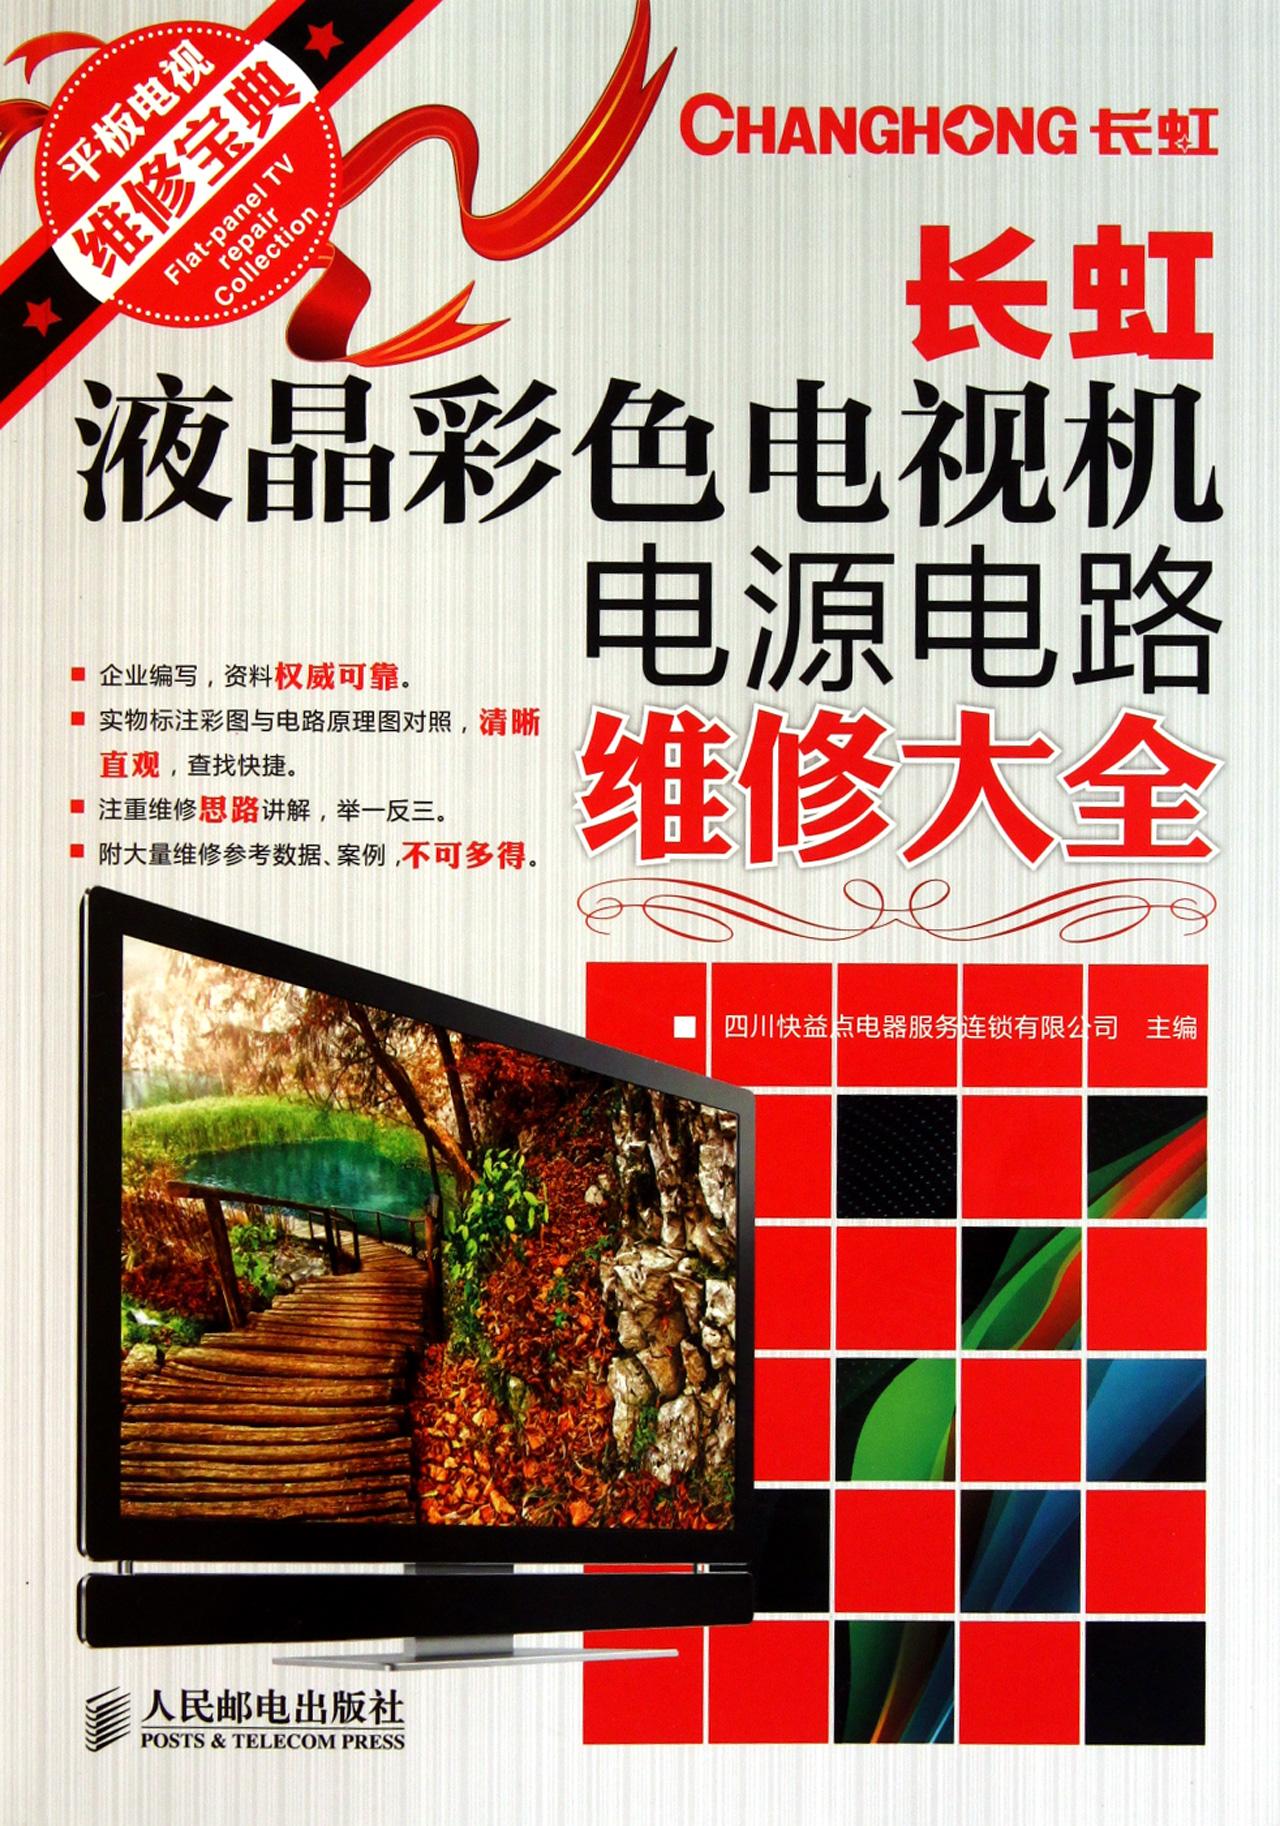 长虹液晶彩色电视机电源电路维修大全(平板电视维修)